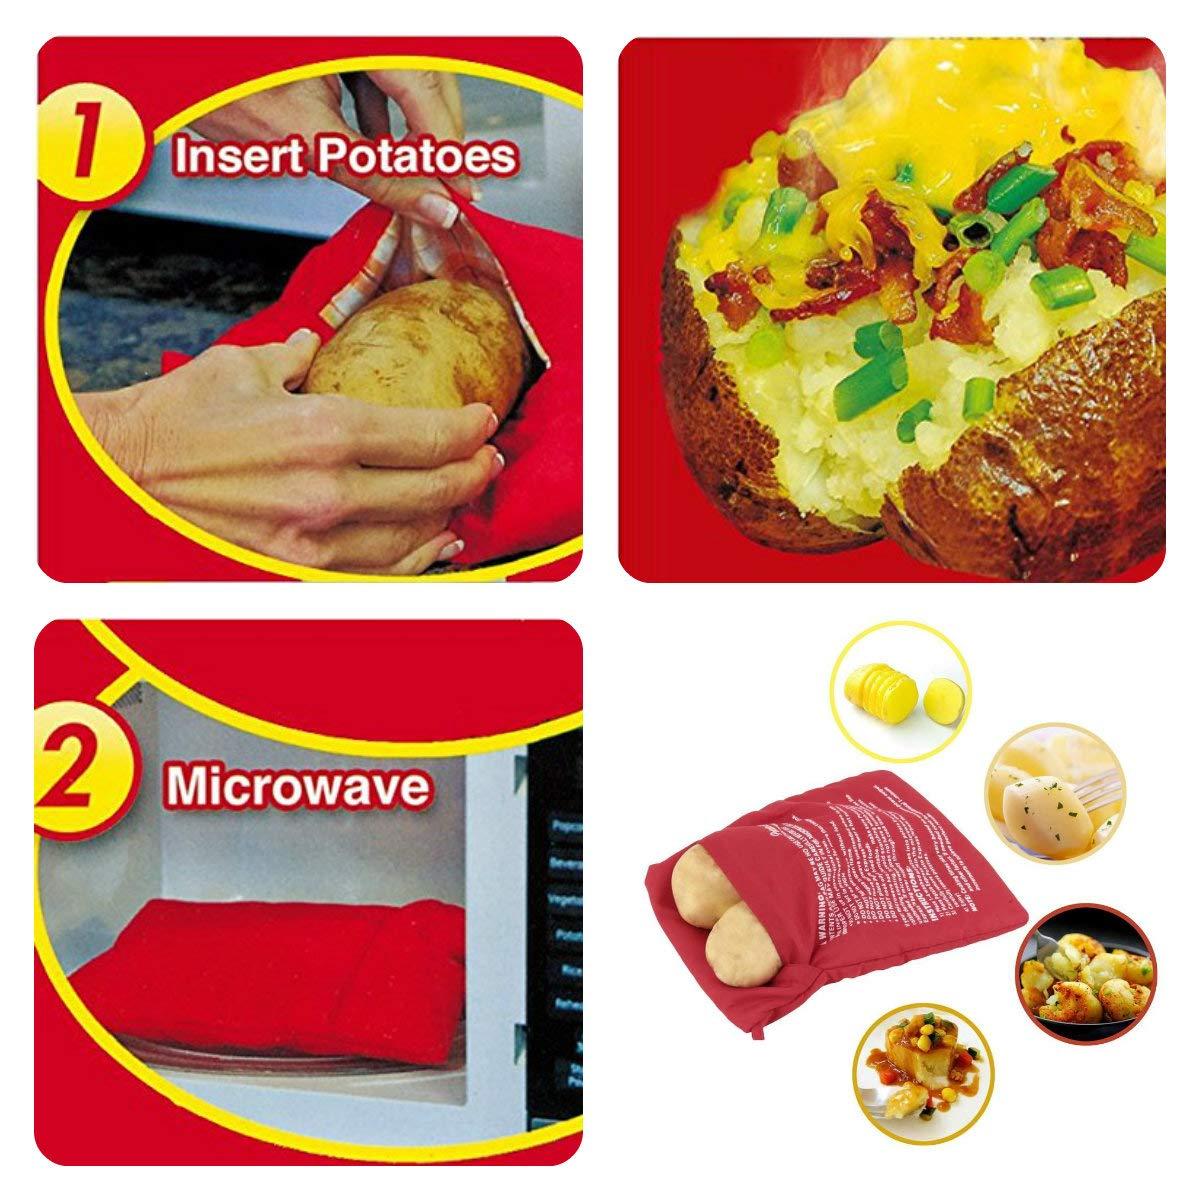 V-VAPE - Bolsa para cocinar patatas horneadas en microondas ...